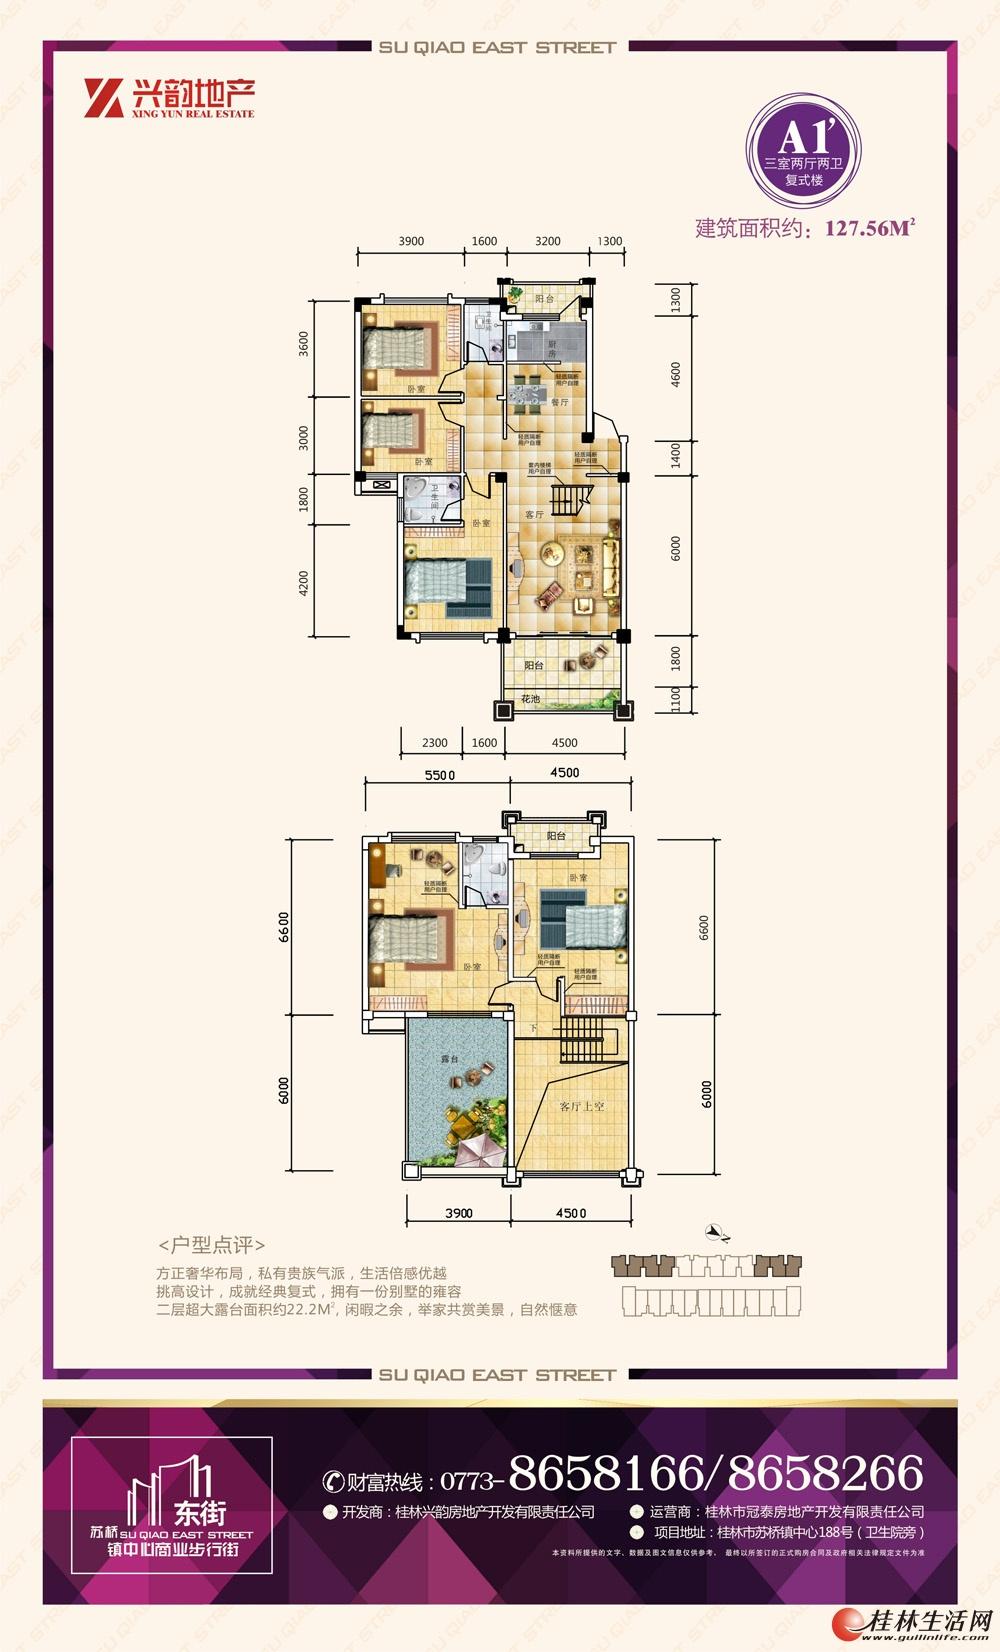 A1' 三室两厅两卫复式楼 127.56㎡